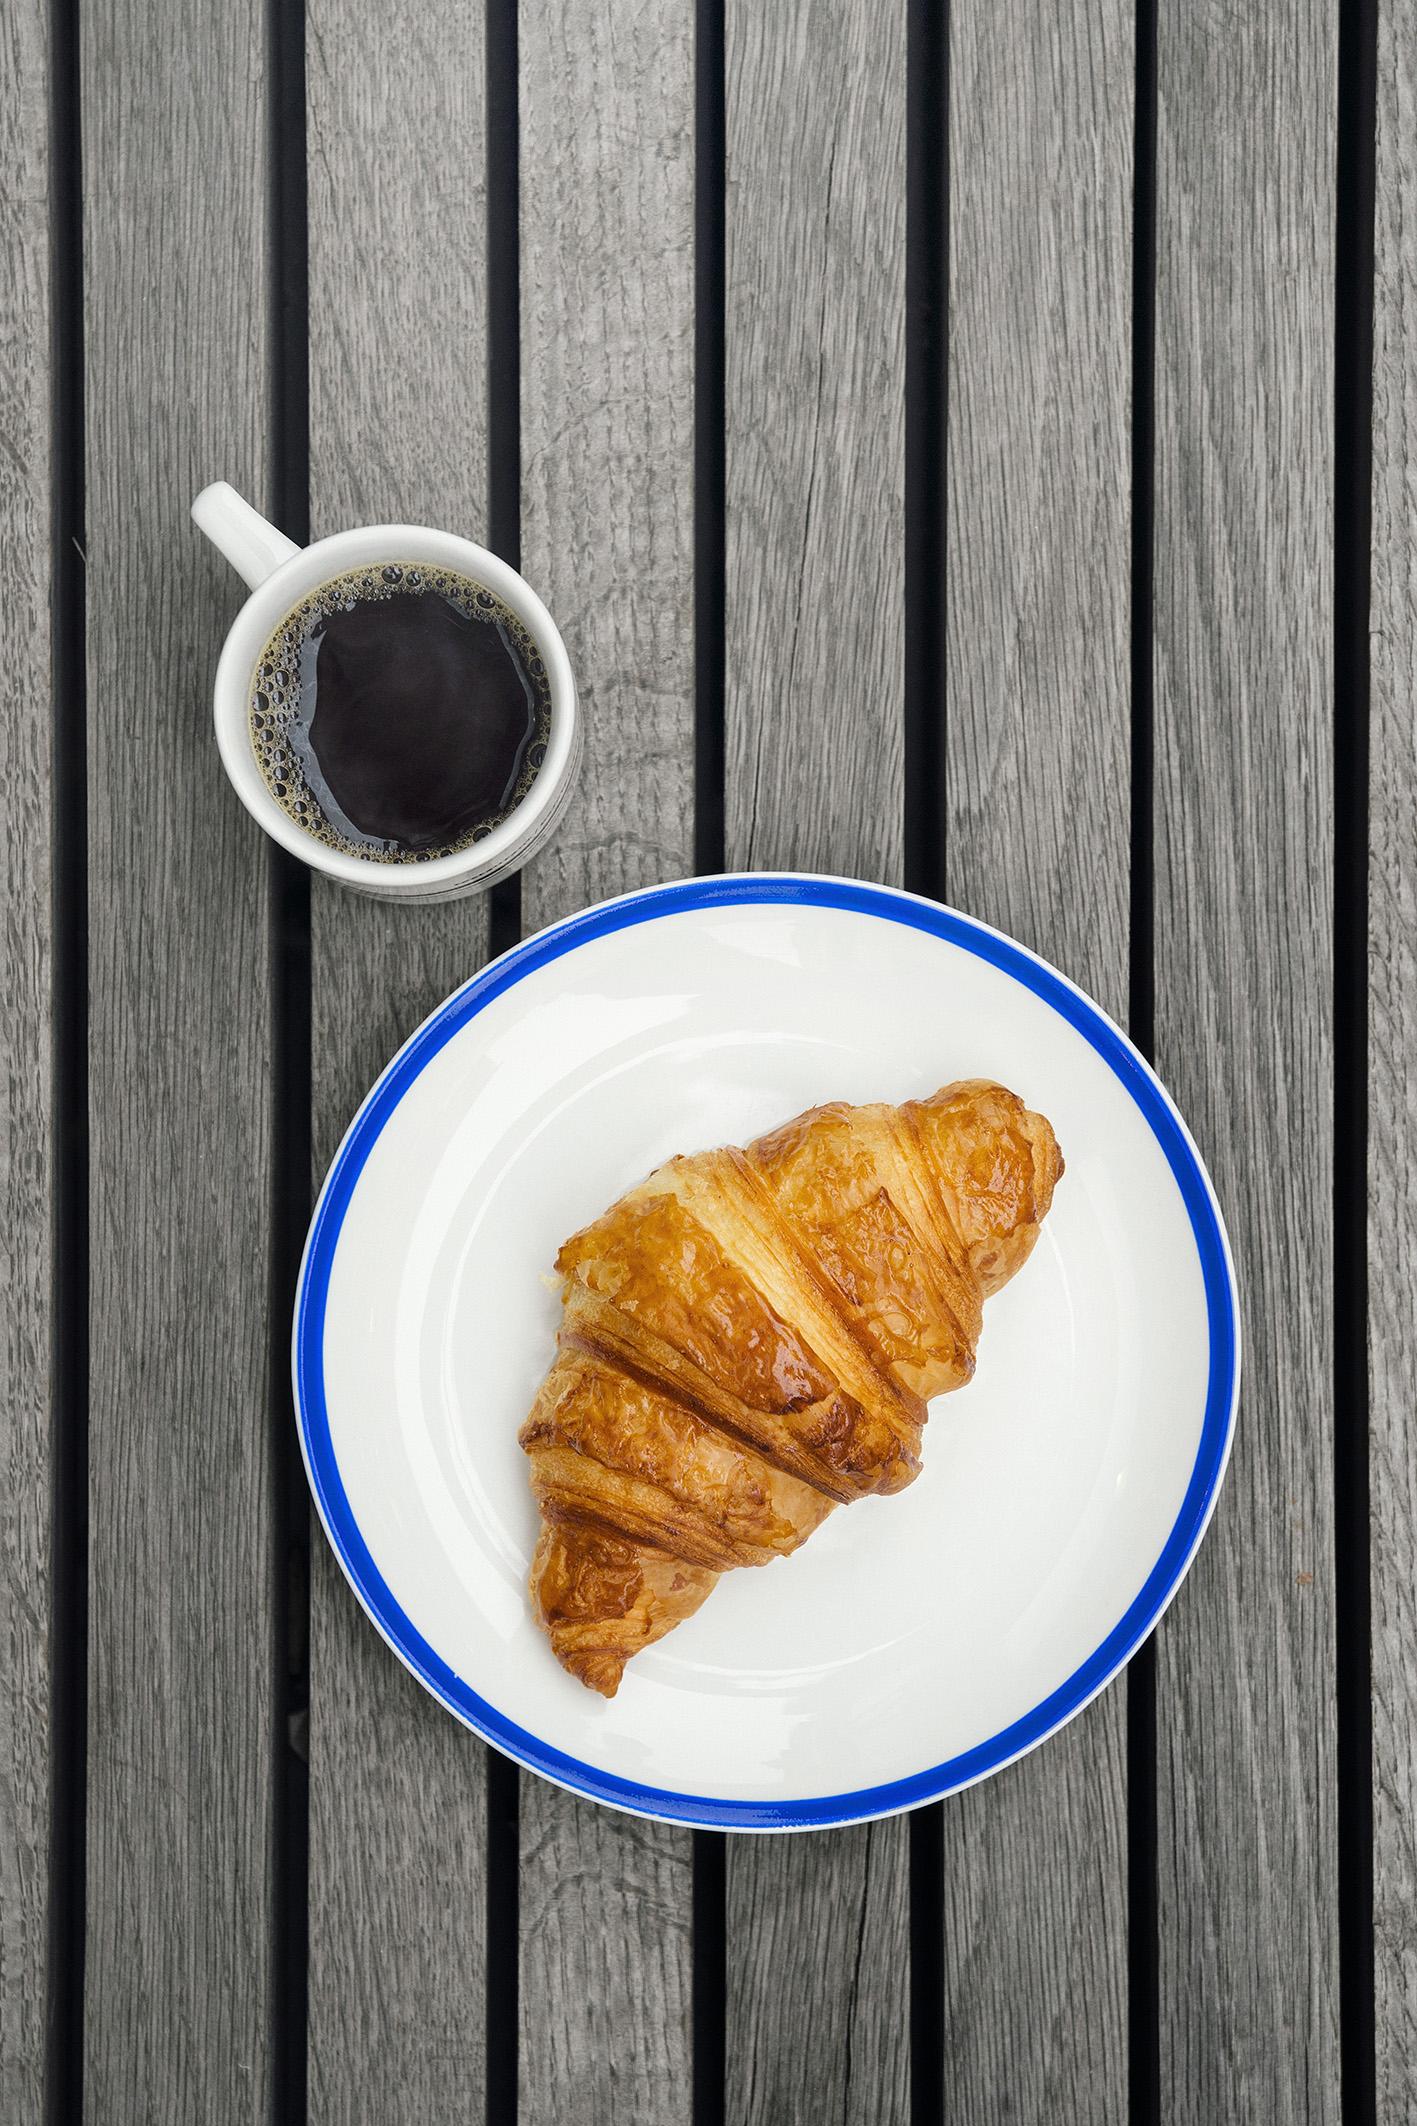 Sentralen-kafe-oslo-bakevare_lower_res.jpg